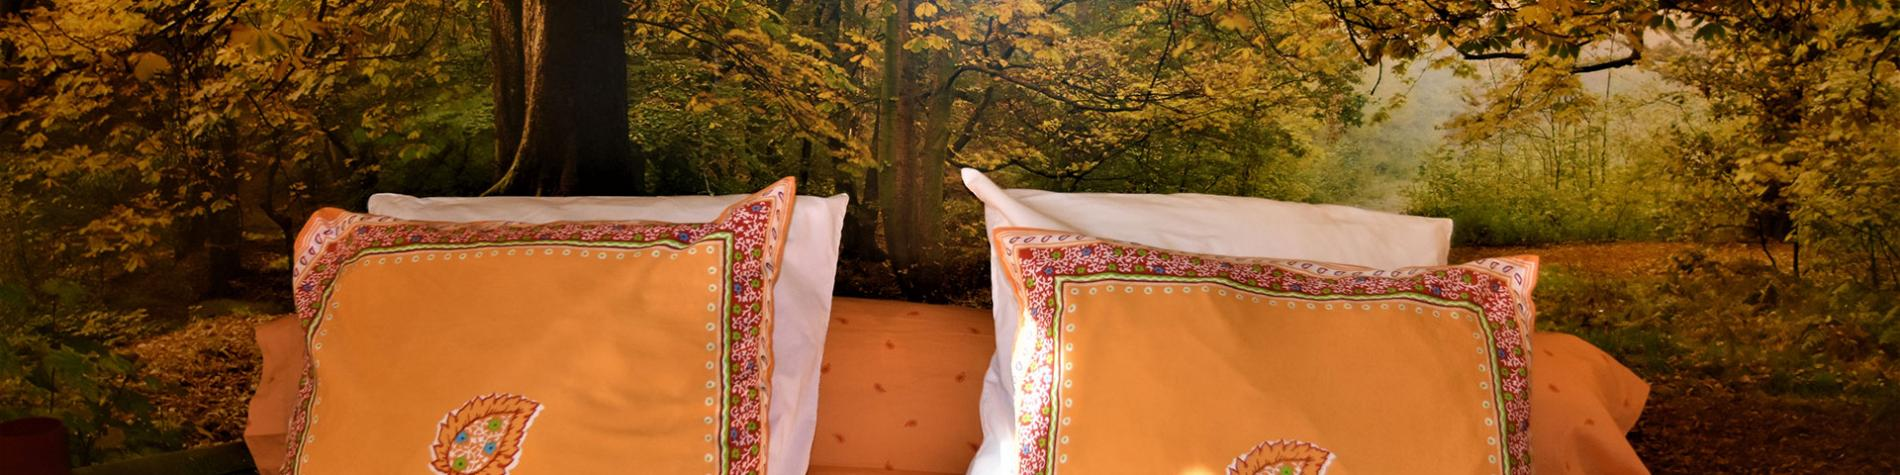 Au fil des saisons sur la Wiels - Chambres d'hôtes - Fauvillers